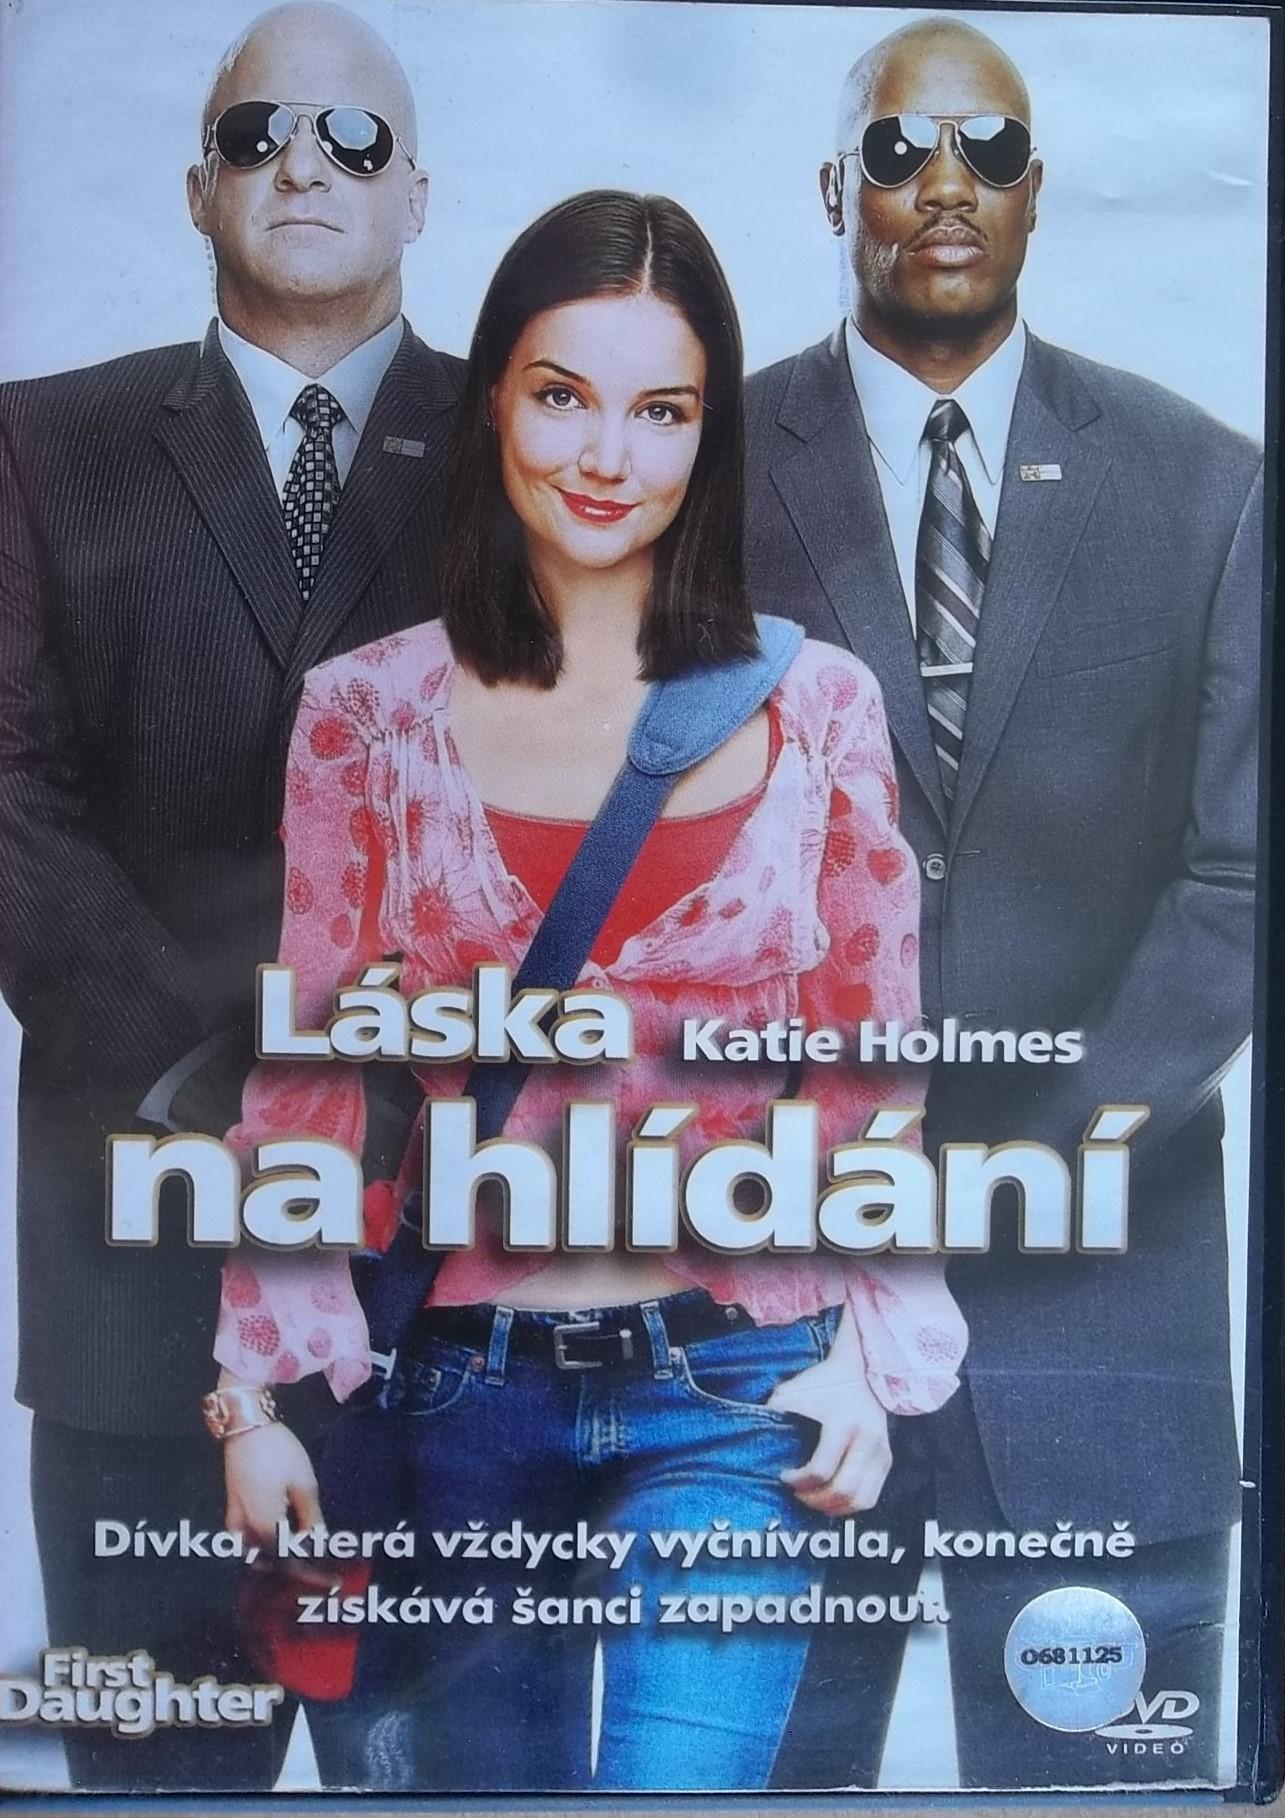 Láska na hlídání (bazarové zboží) DVD